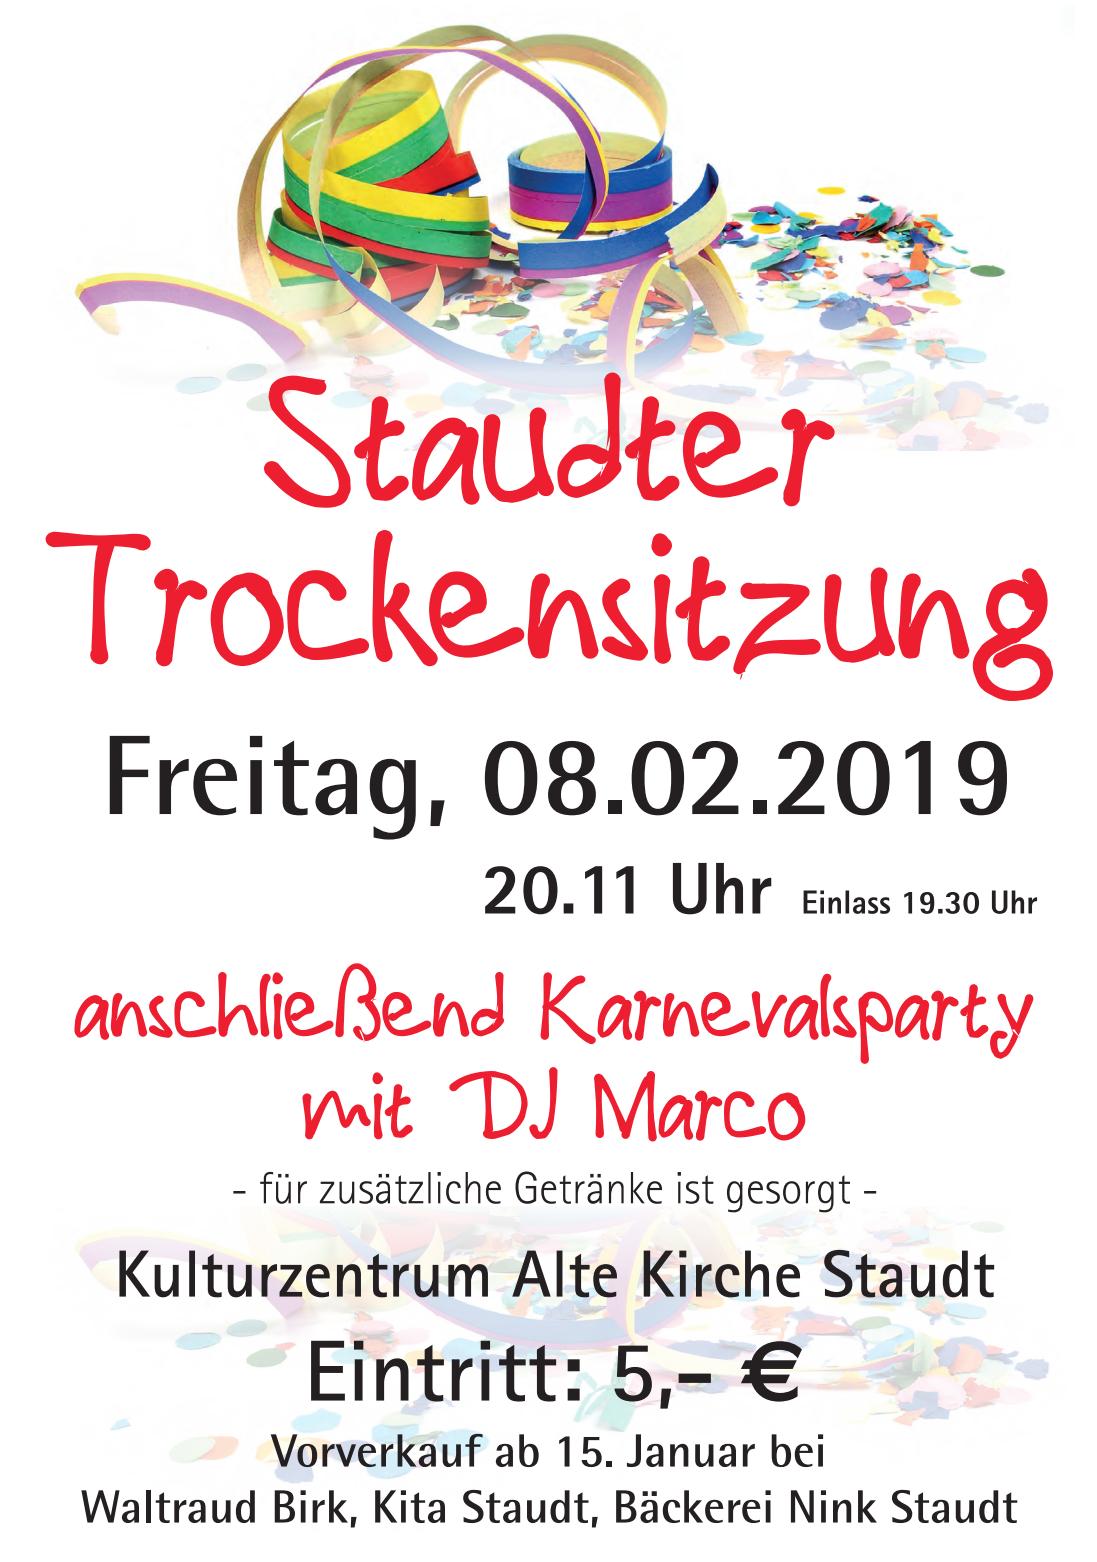 Karnevals-Trockensitzung 2019 @ Alte Kirche Staudt